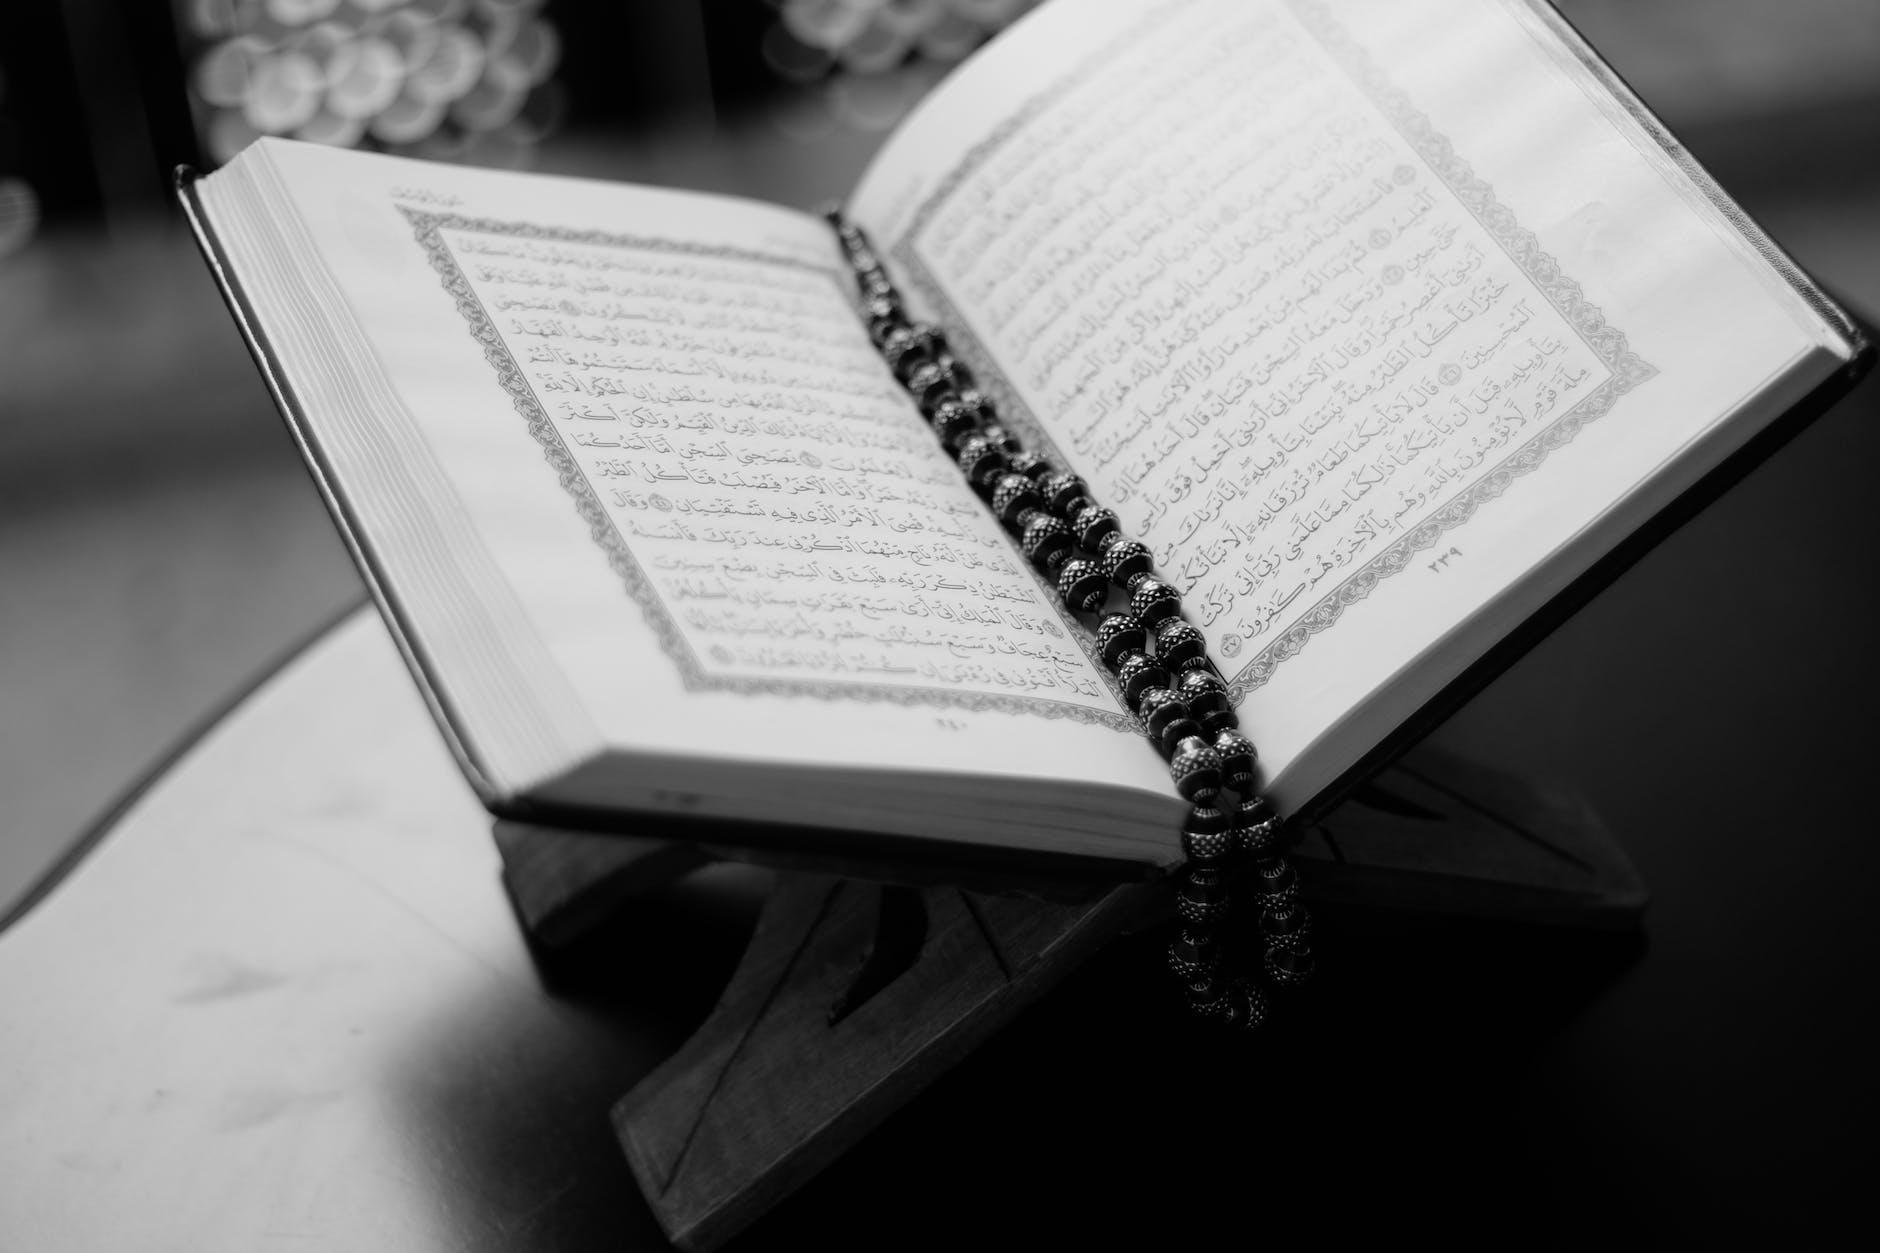 persiapan ramadan, persiapan menyambut ramadan, persiapan puasa ramadan